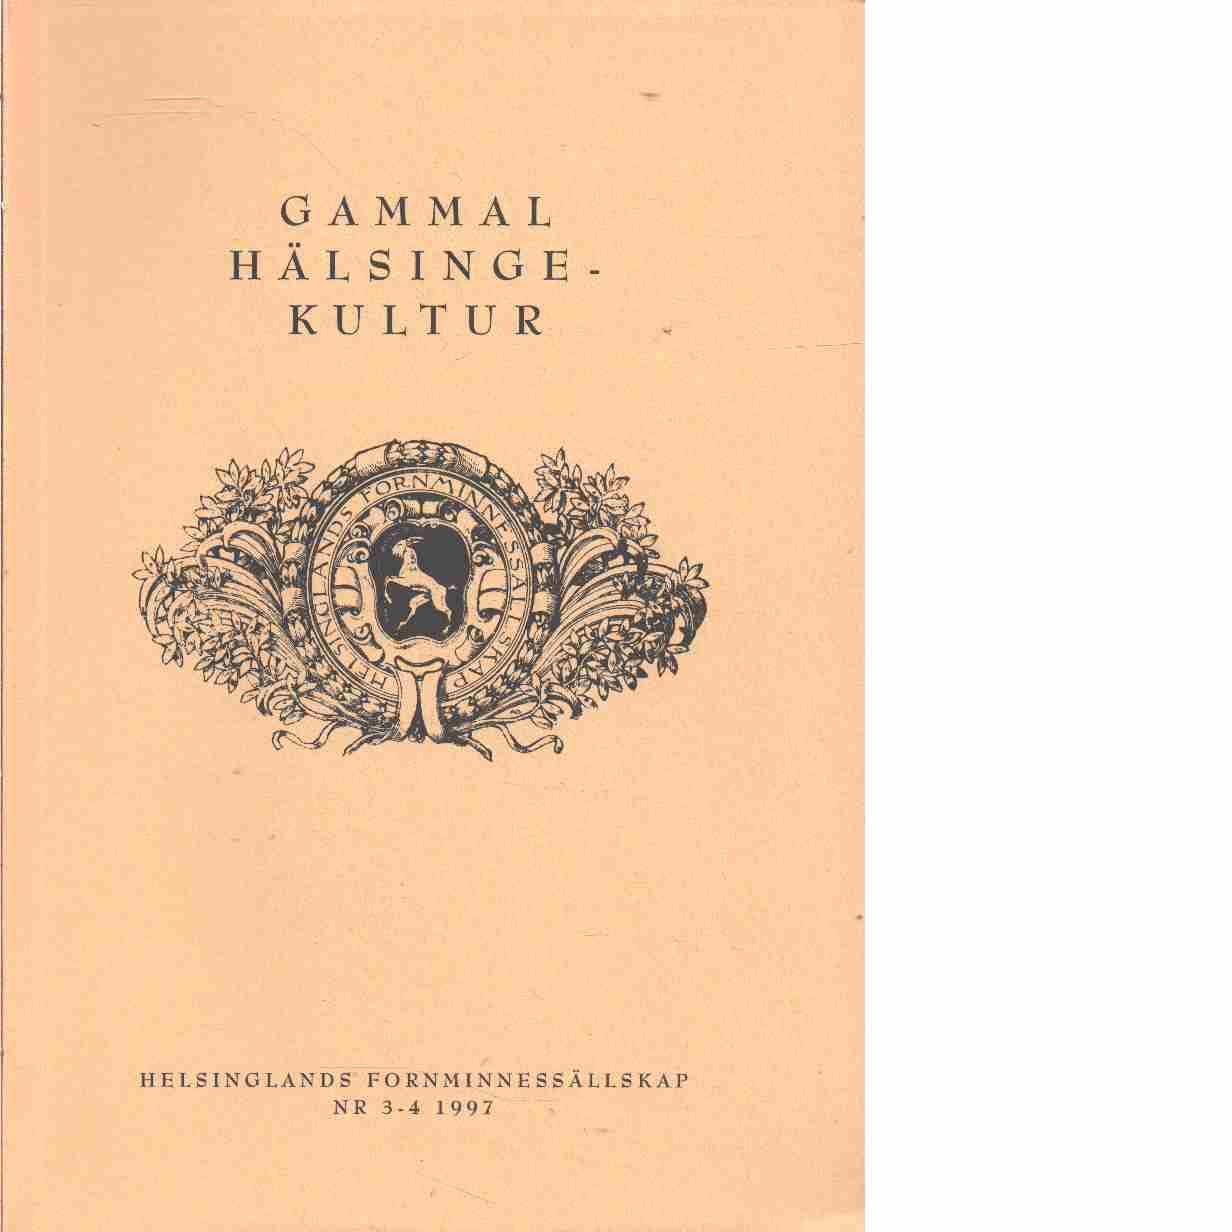 Gammal hälsingekultur 1997 nr 3 - 4 - Helsinglands Fornminnessällskap